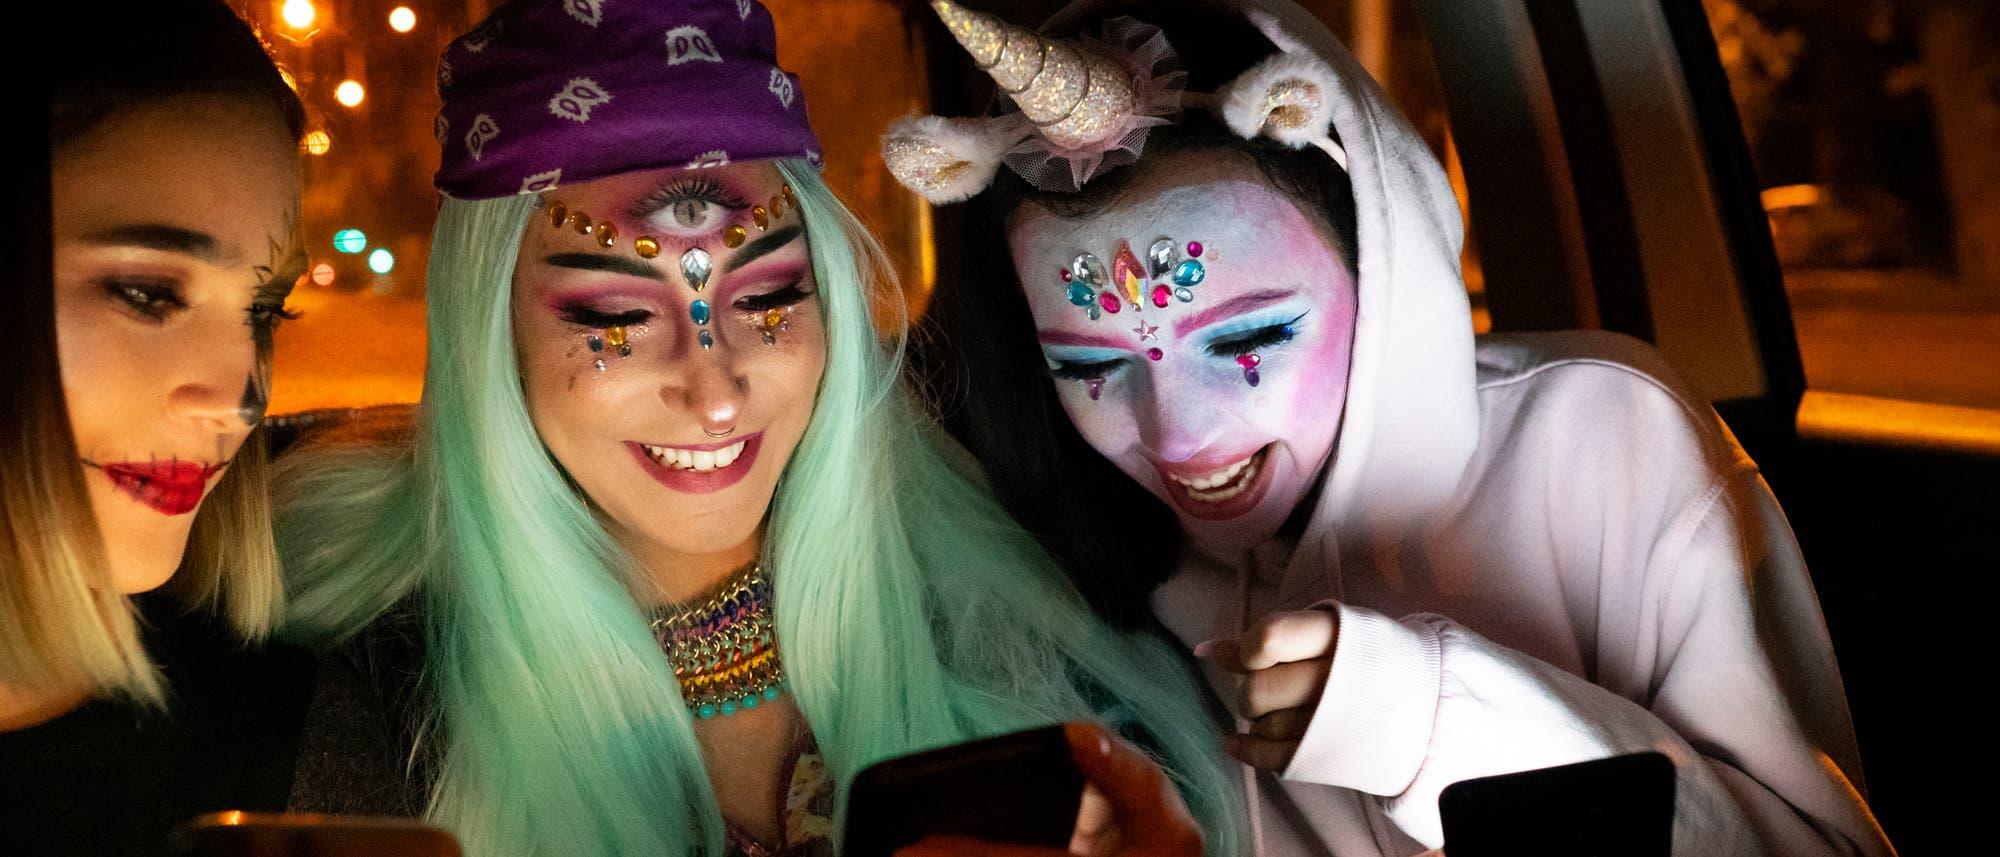 Zwei junge Frauen und ein Einhorn kommunizieren auf dem Weg zum Kostümball mit sich und ihren Smartphones